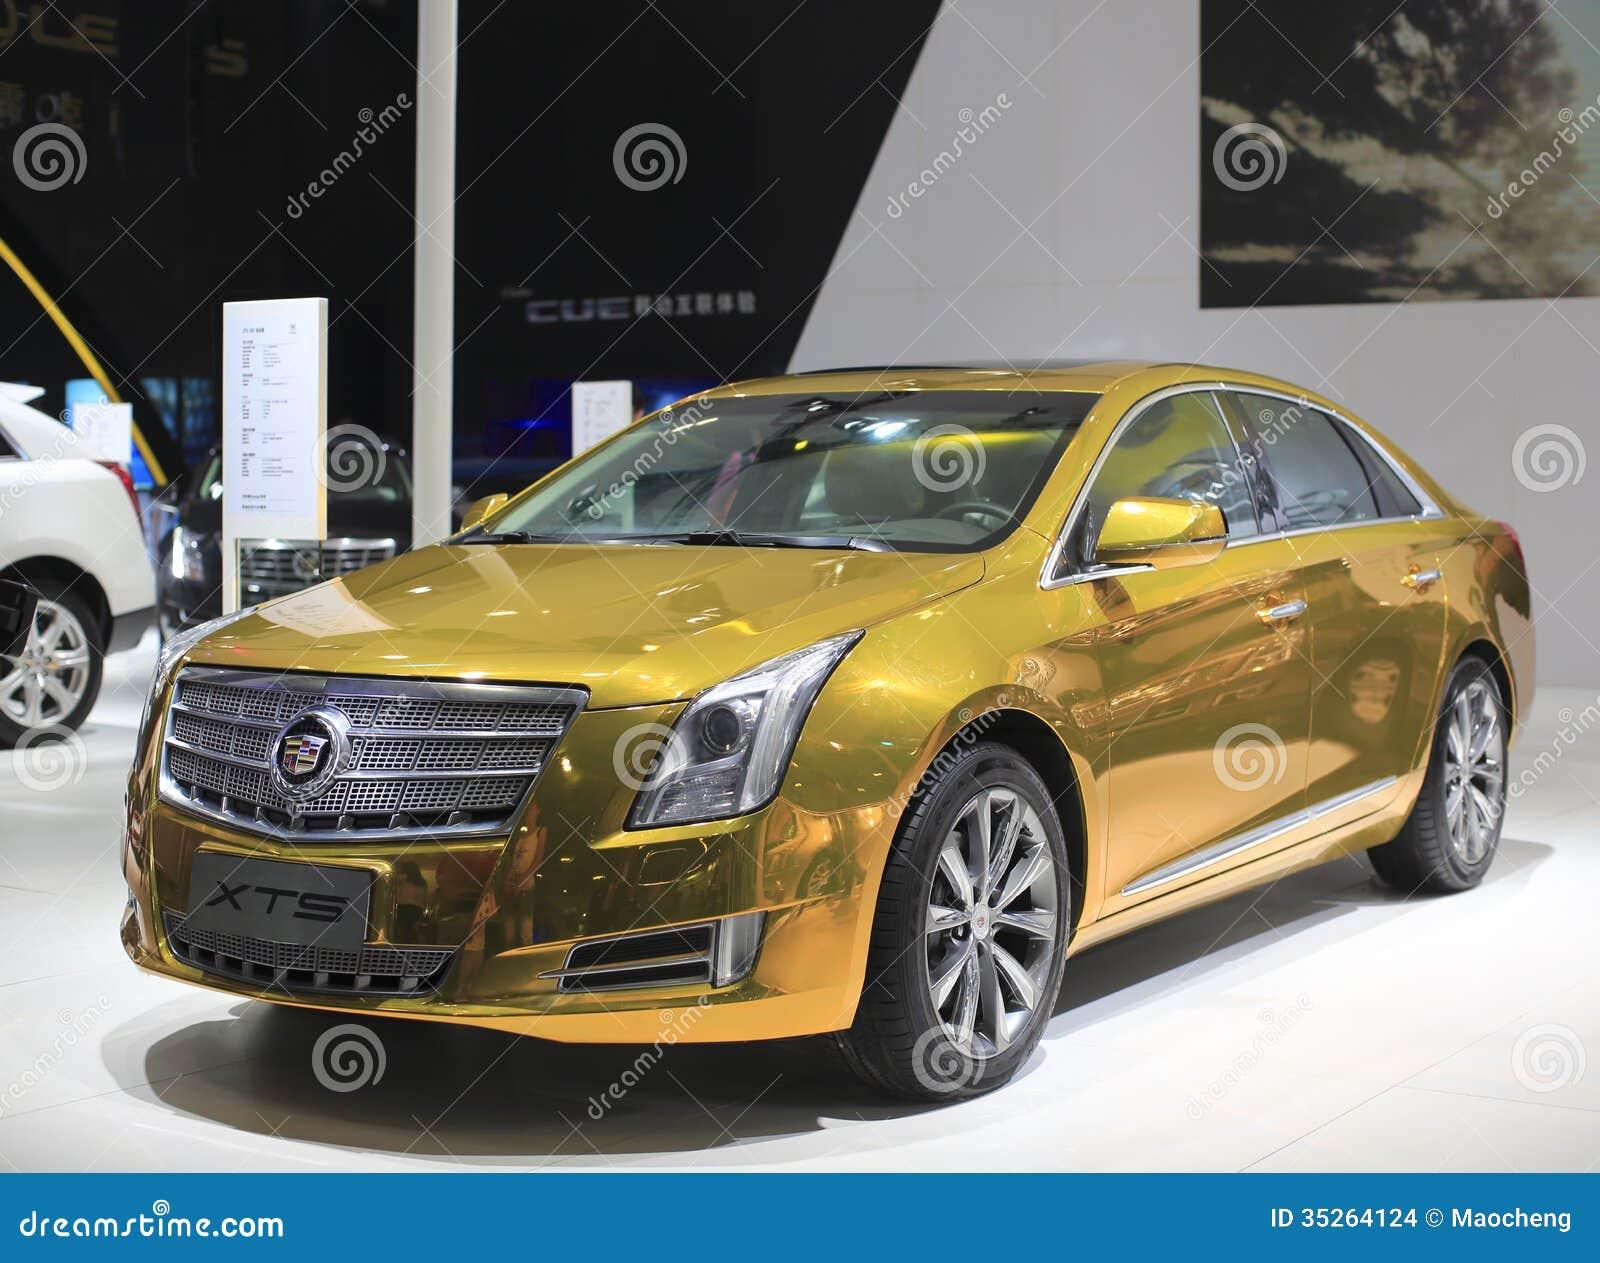 The Cadillac Xts Car Editorial Stock Image Image 35264124